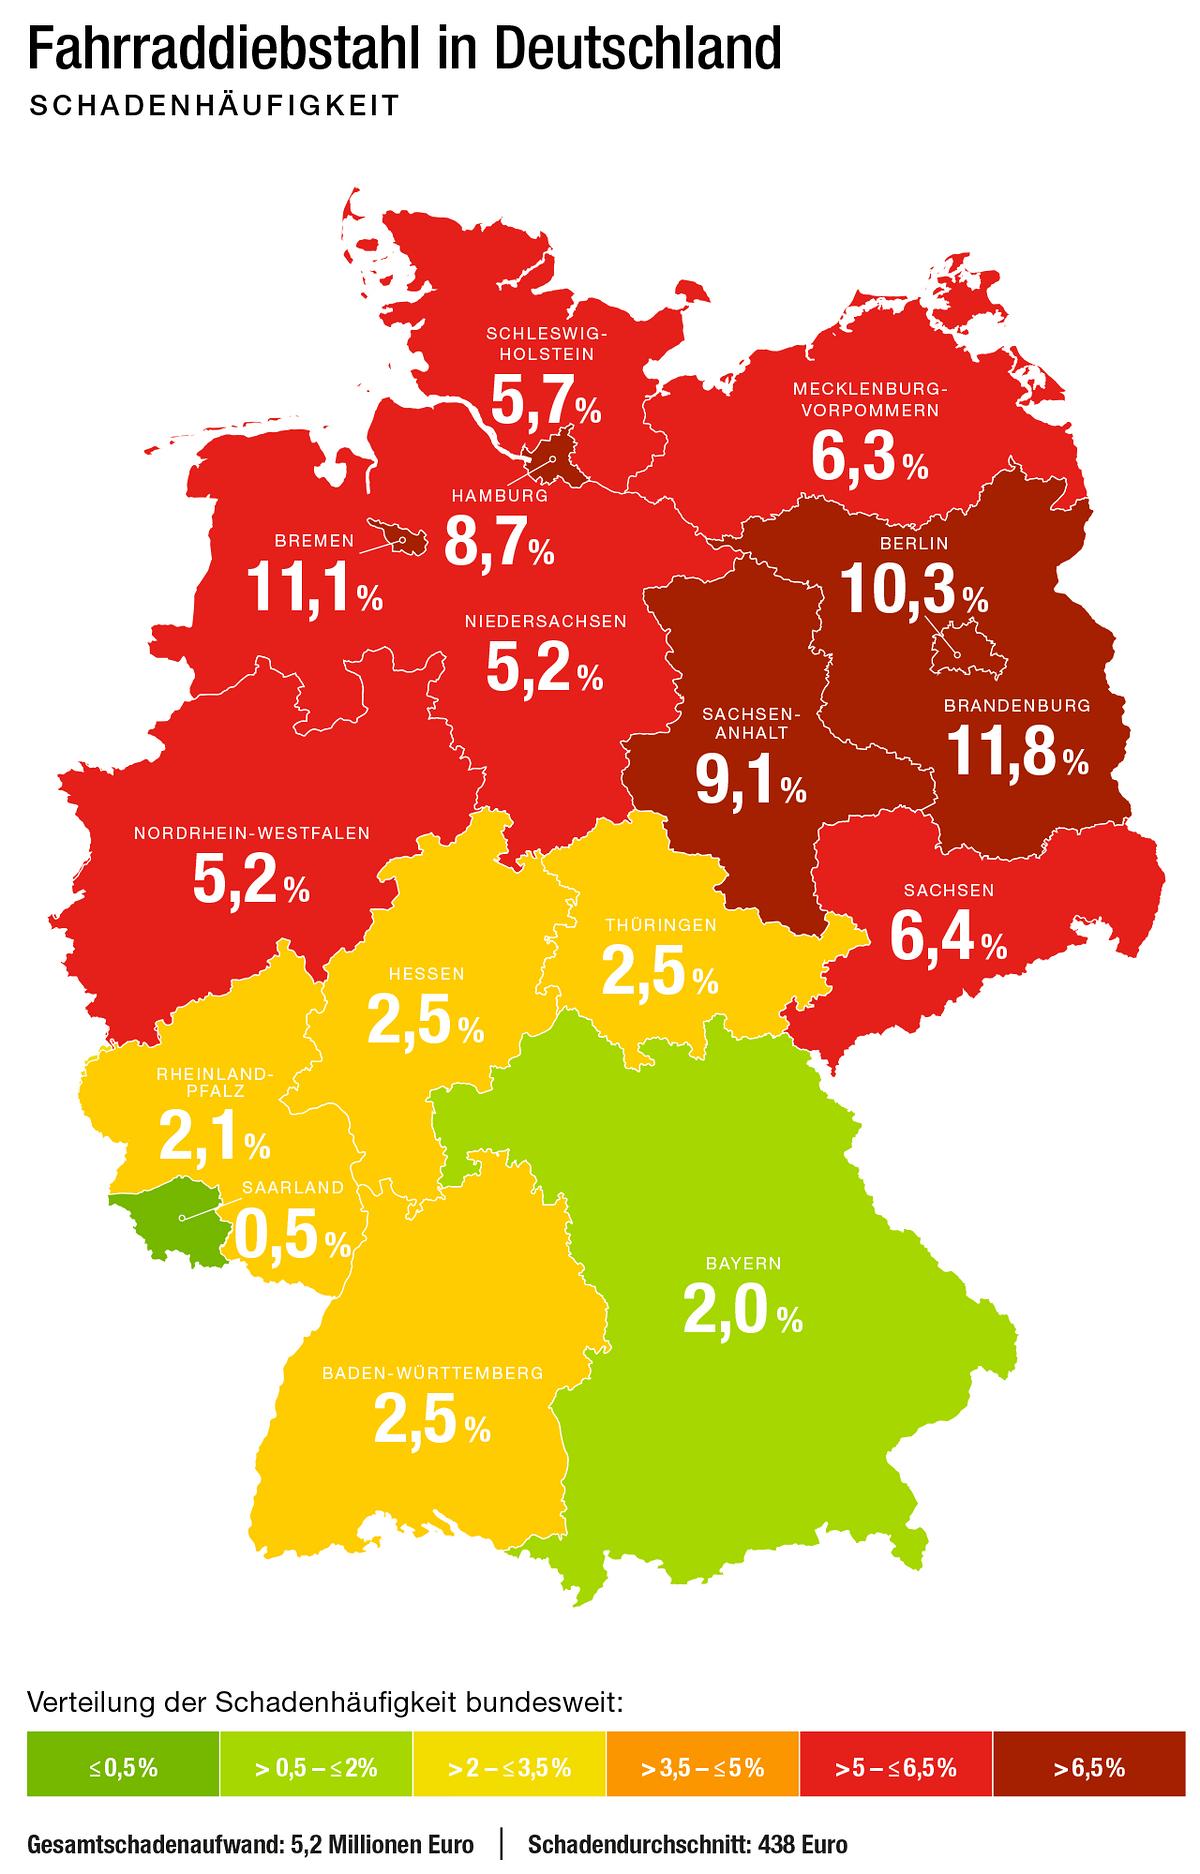 Die Bayern können sich glücklich schätzen. Dort werden mitunter die wenigsten Räder gestohlen.